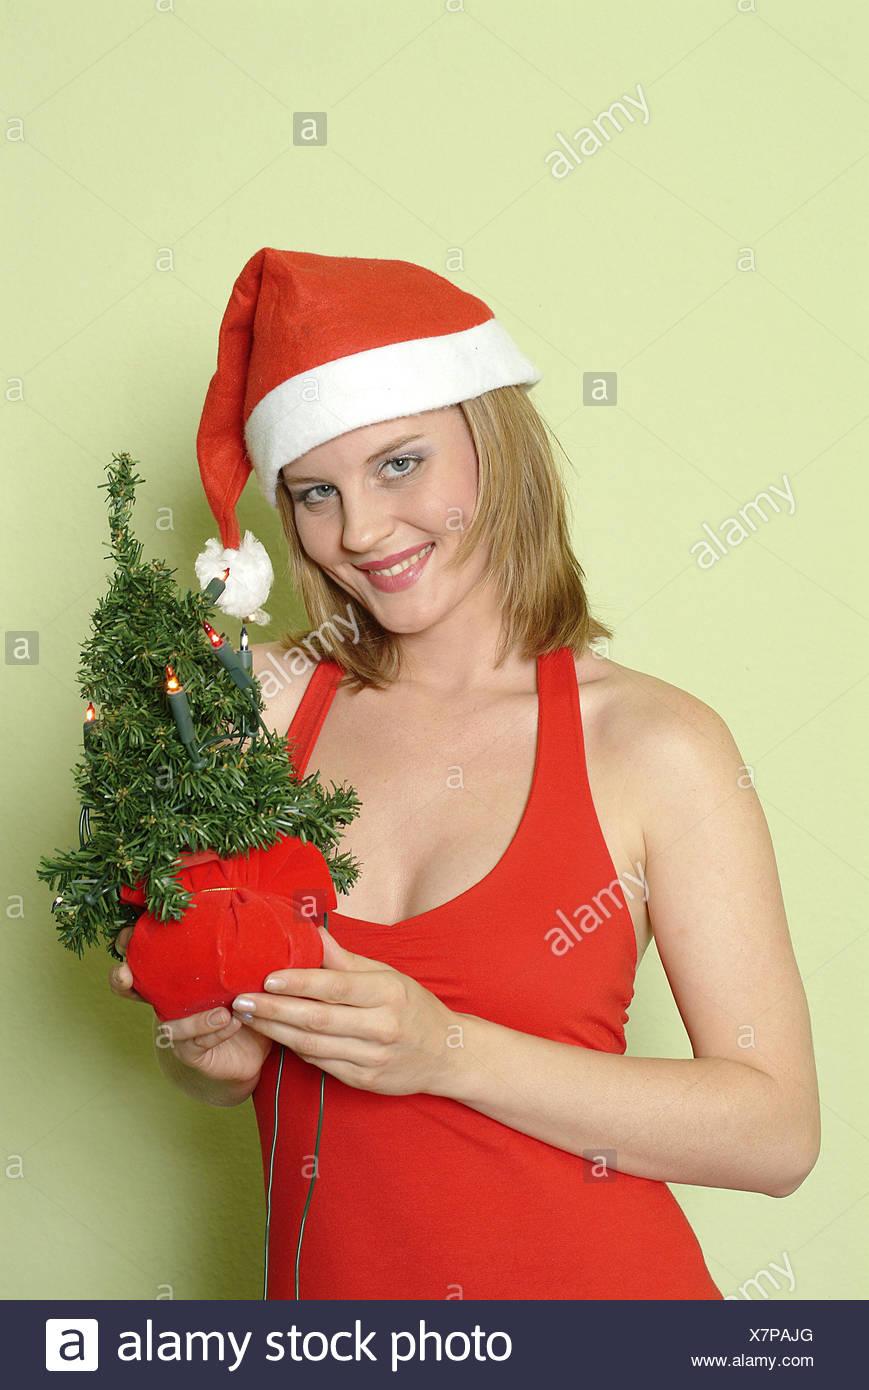 Frau, jung, die Weihnachtsmütze, Weihnachtsdekoration, kleine Bäume ...